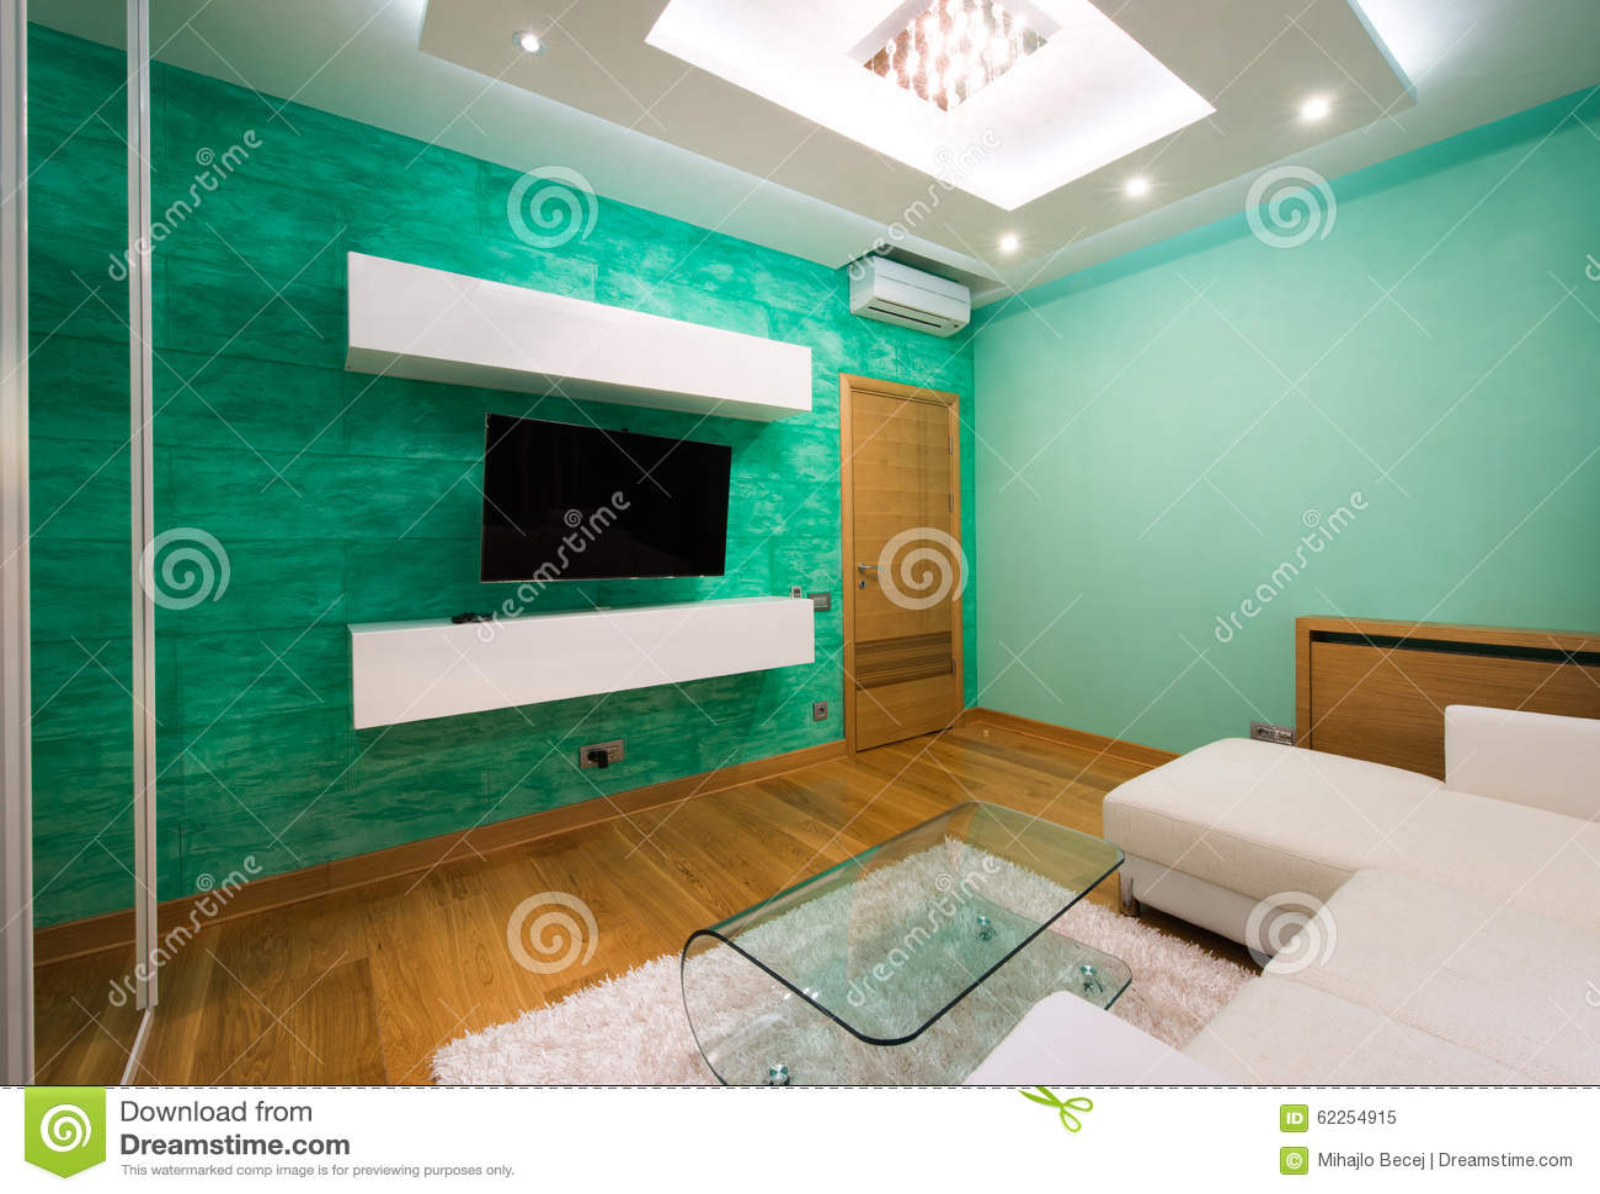 Plafoniere Interno Moderno : Interno di un salone verde moderno con plafoniera lusso